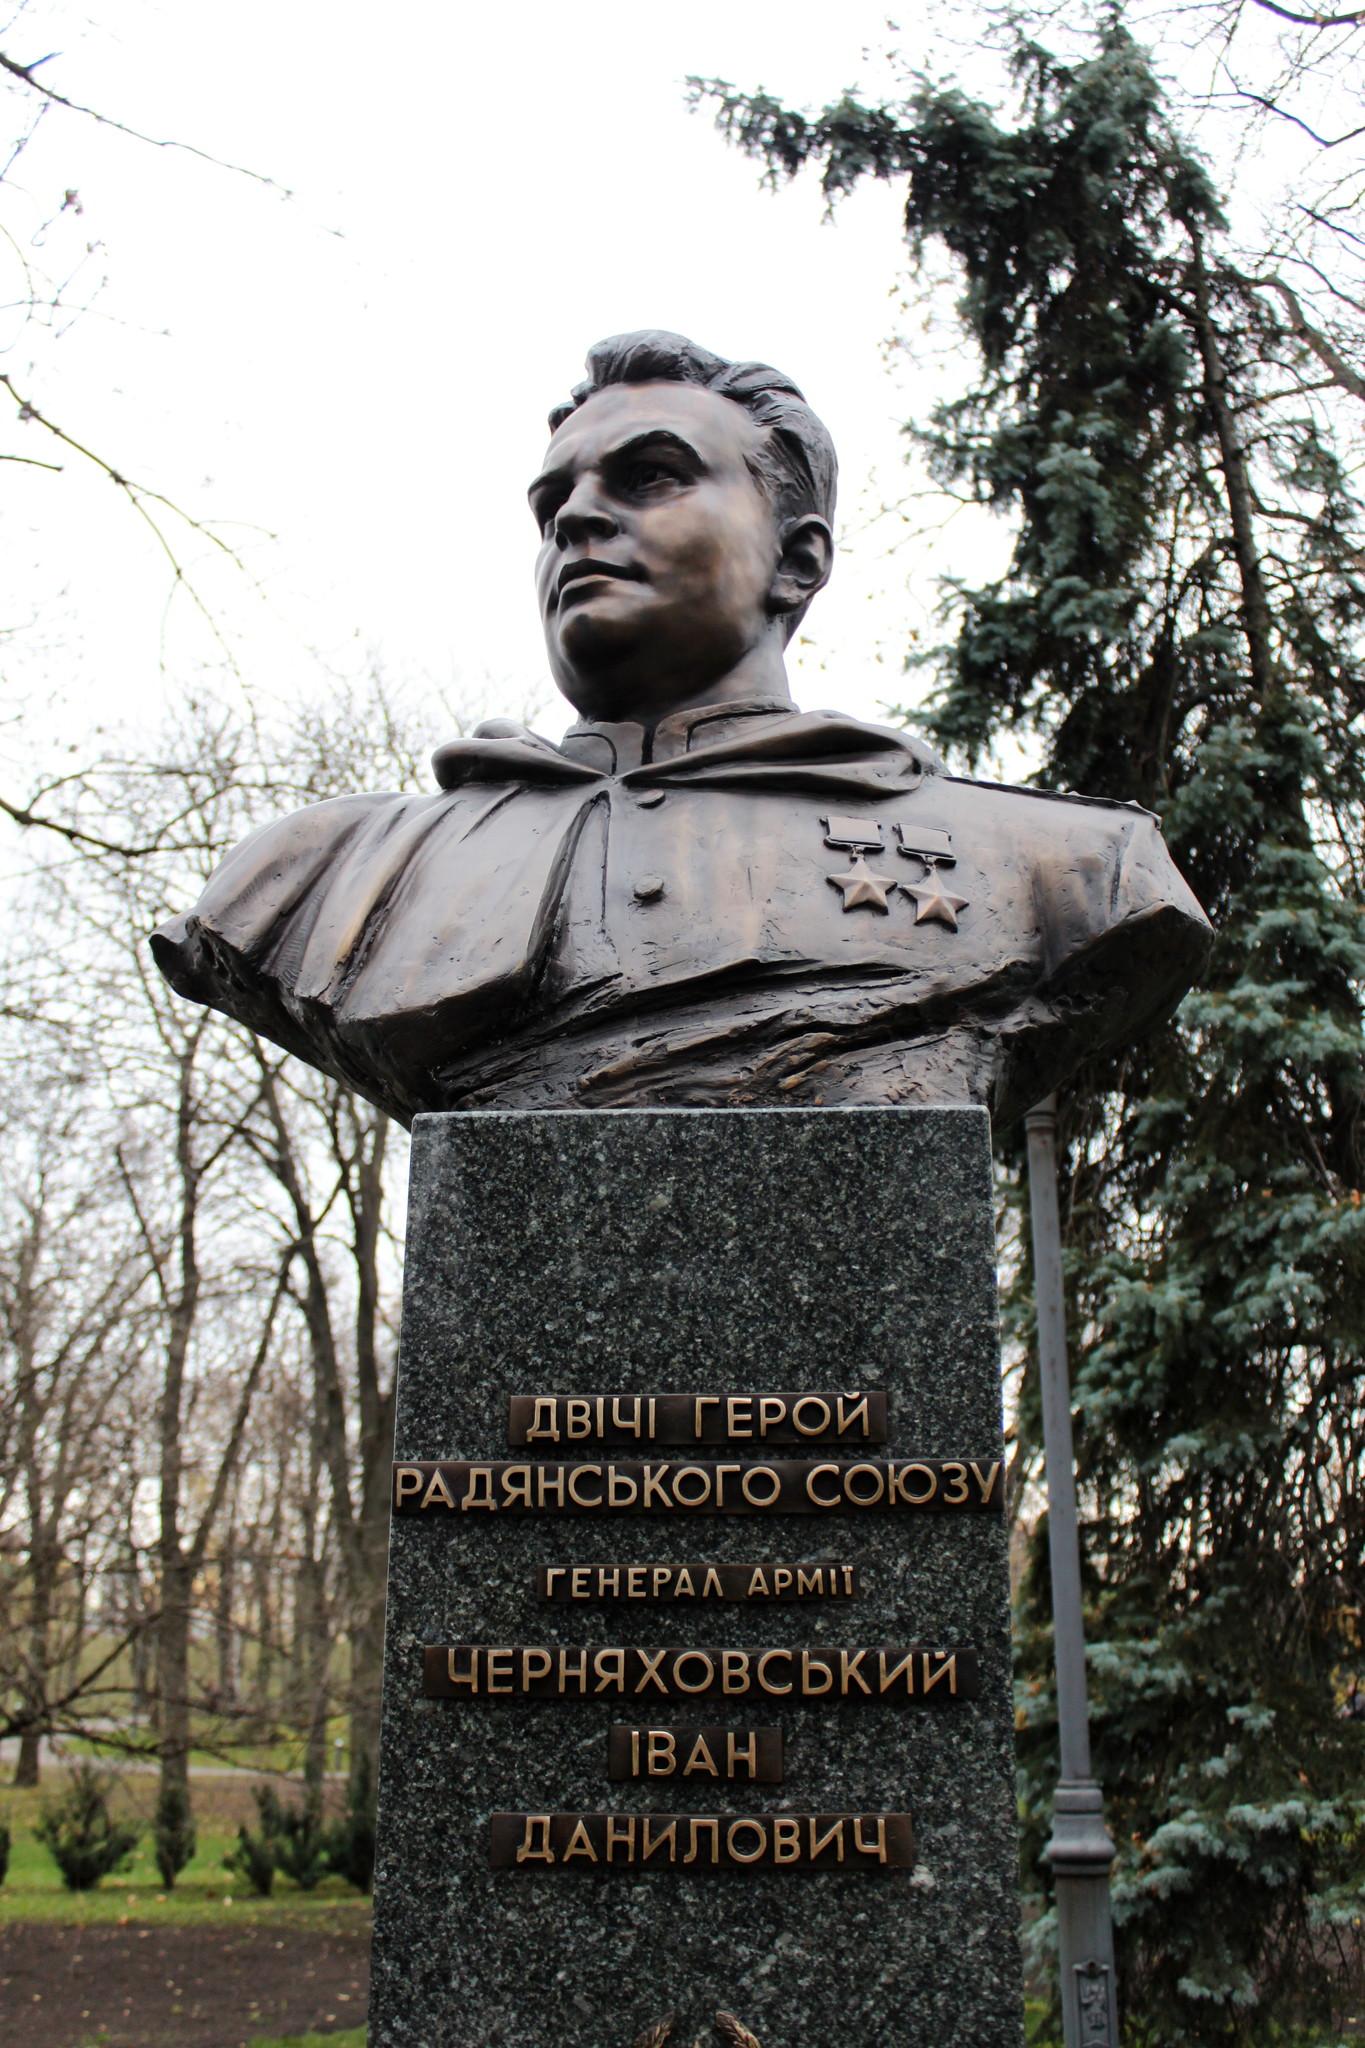 Бюст генерала армии Черняховского